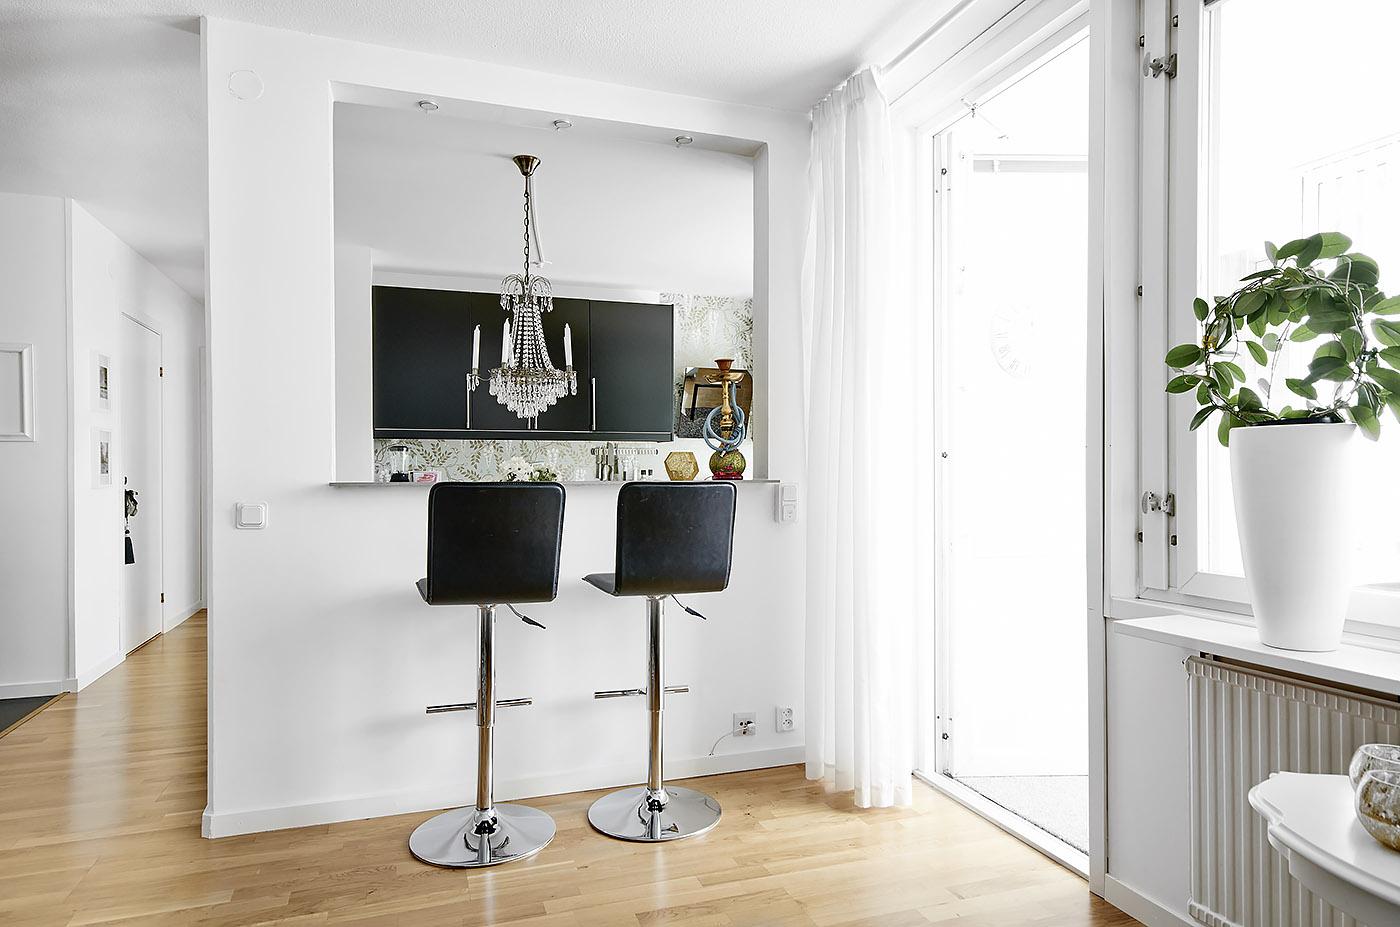 L mparas chandelier en la decoraci n moderna blog for Blog decoracion interiores